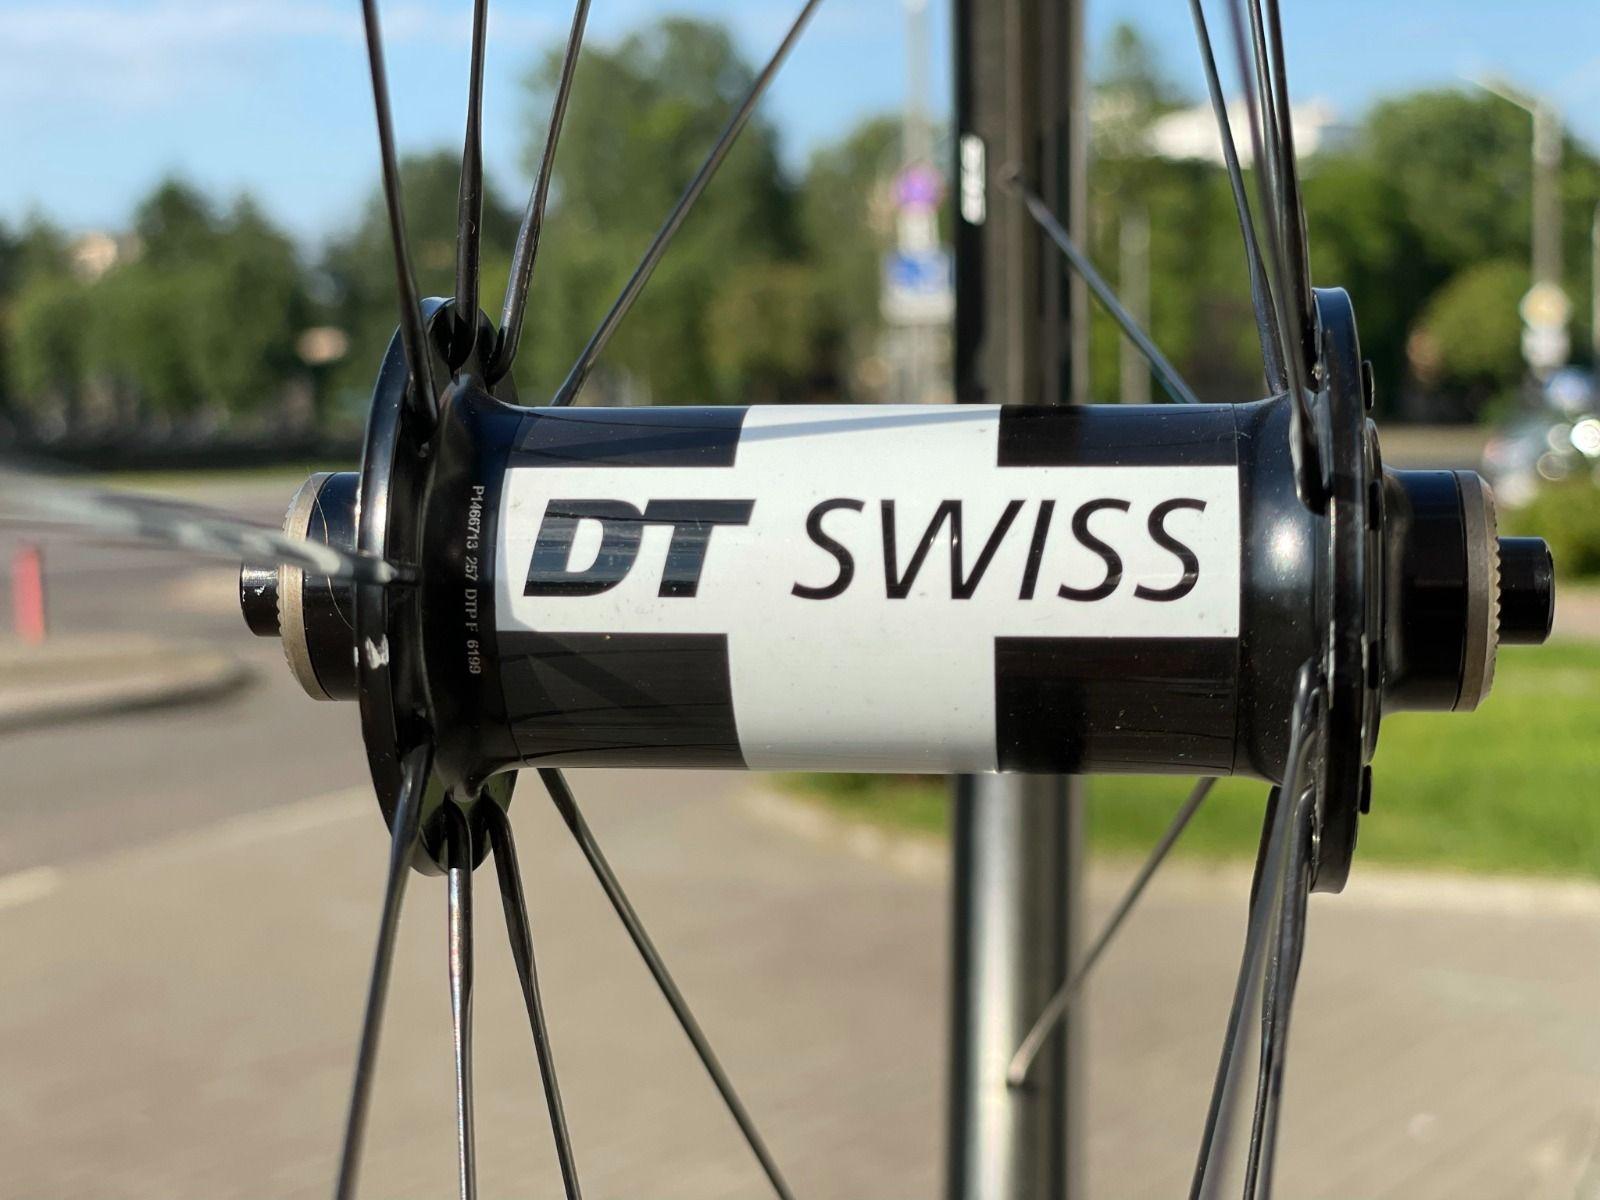 Колеса ENVE 3.4 керамика DT Swiss 180. (клинчер и TLR бескамерные). НОВЫЕ